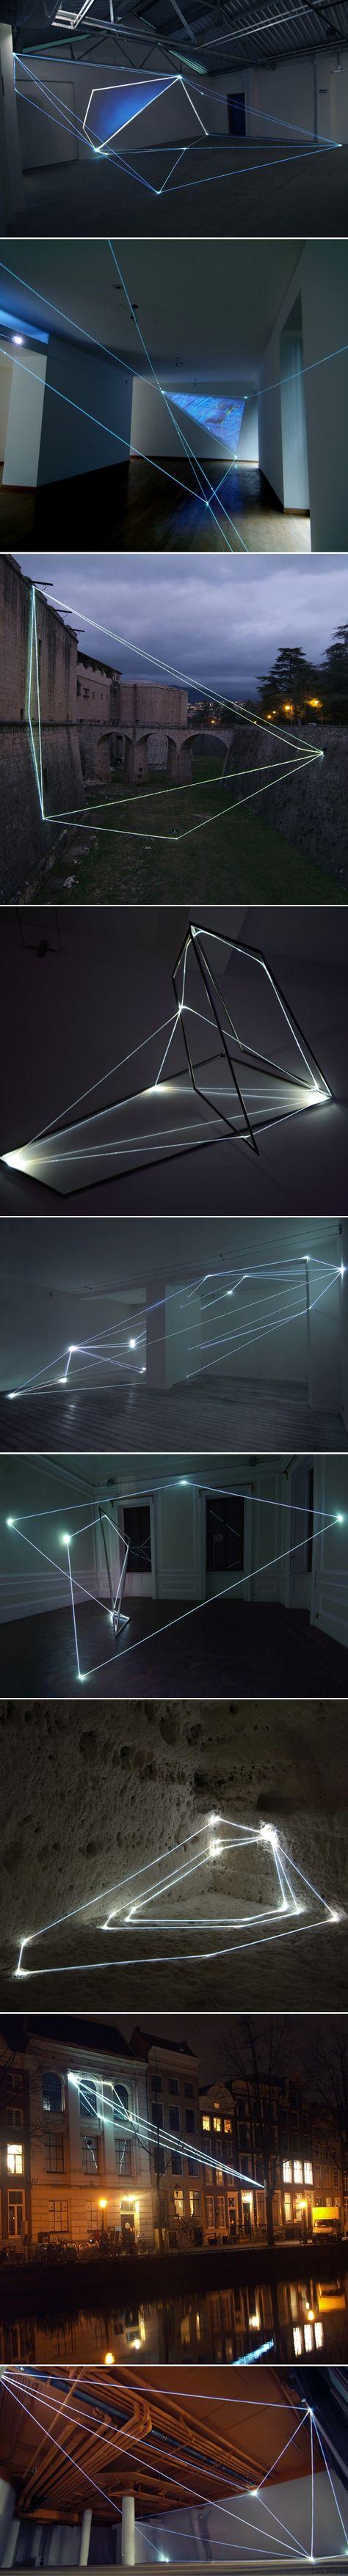 Installations-en-fibre-optique-de-Carlo-Bernardini-2